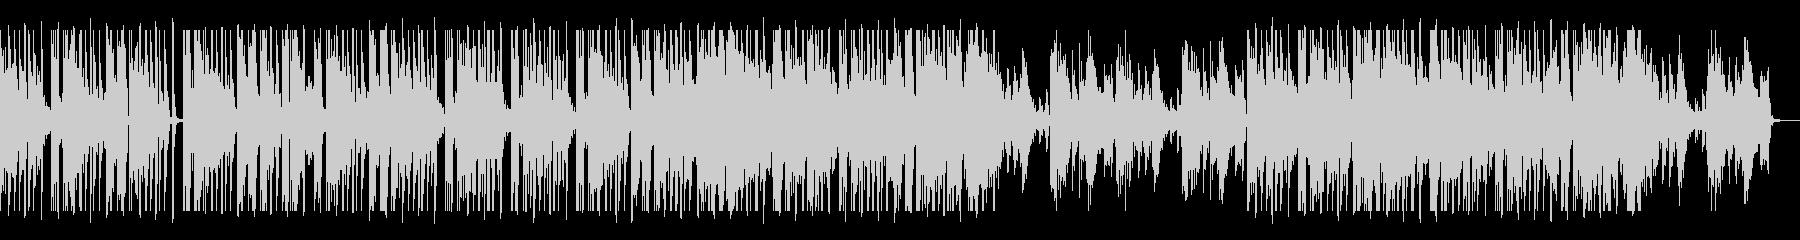 lo-fiエレピ ゆったりチルアウトの未再生の波形